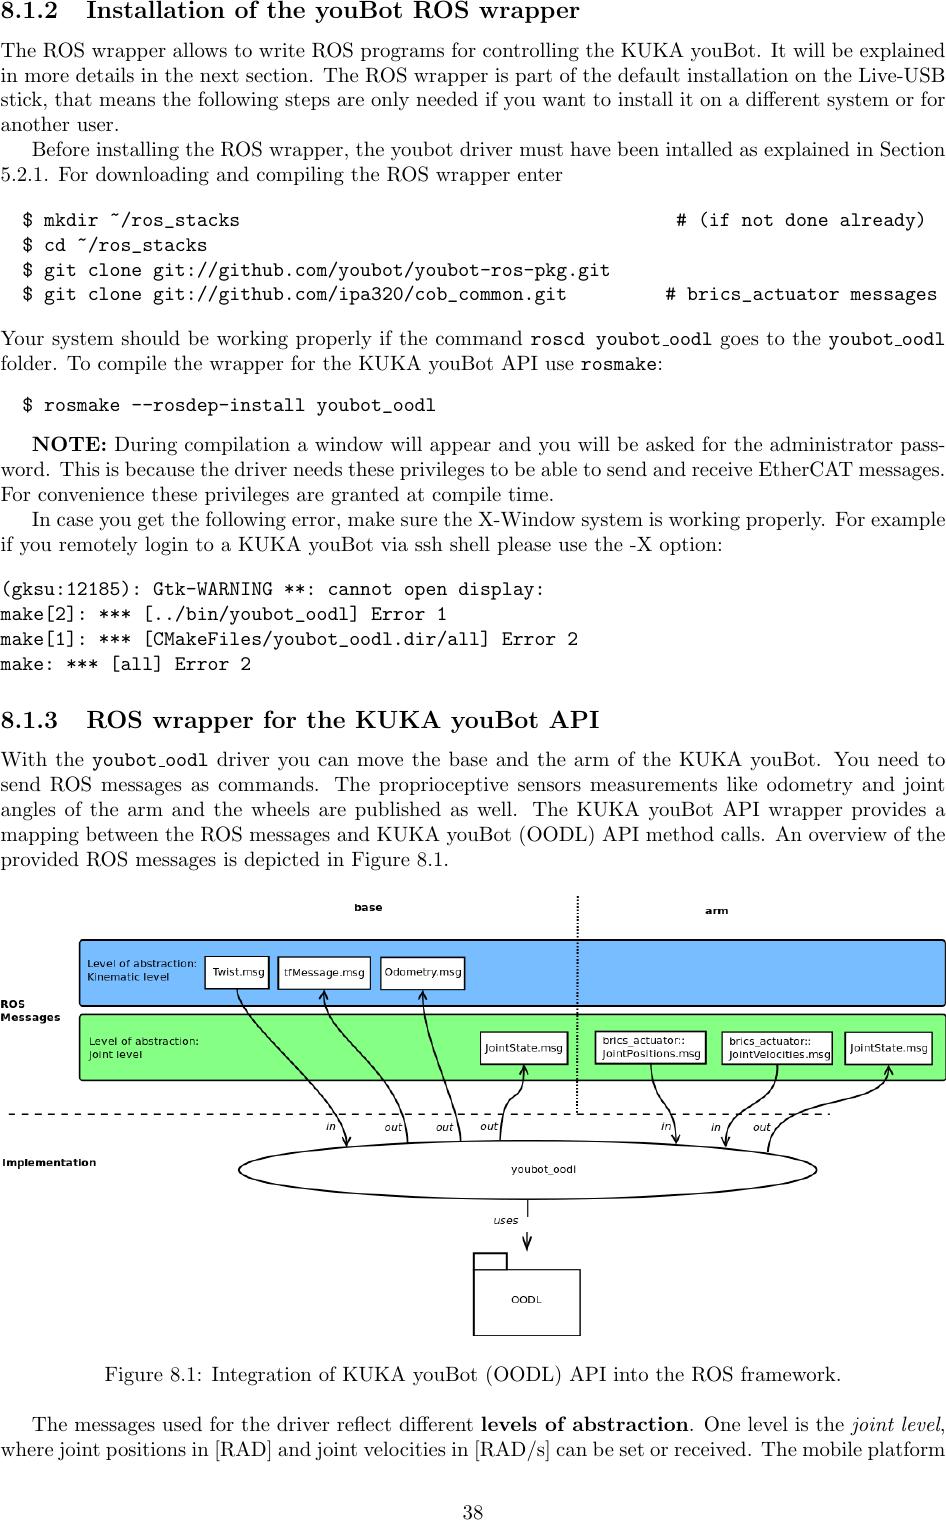 KUKA YouBot User Manual you Bot